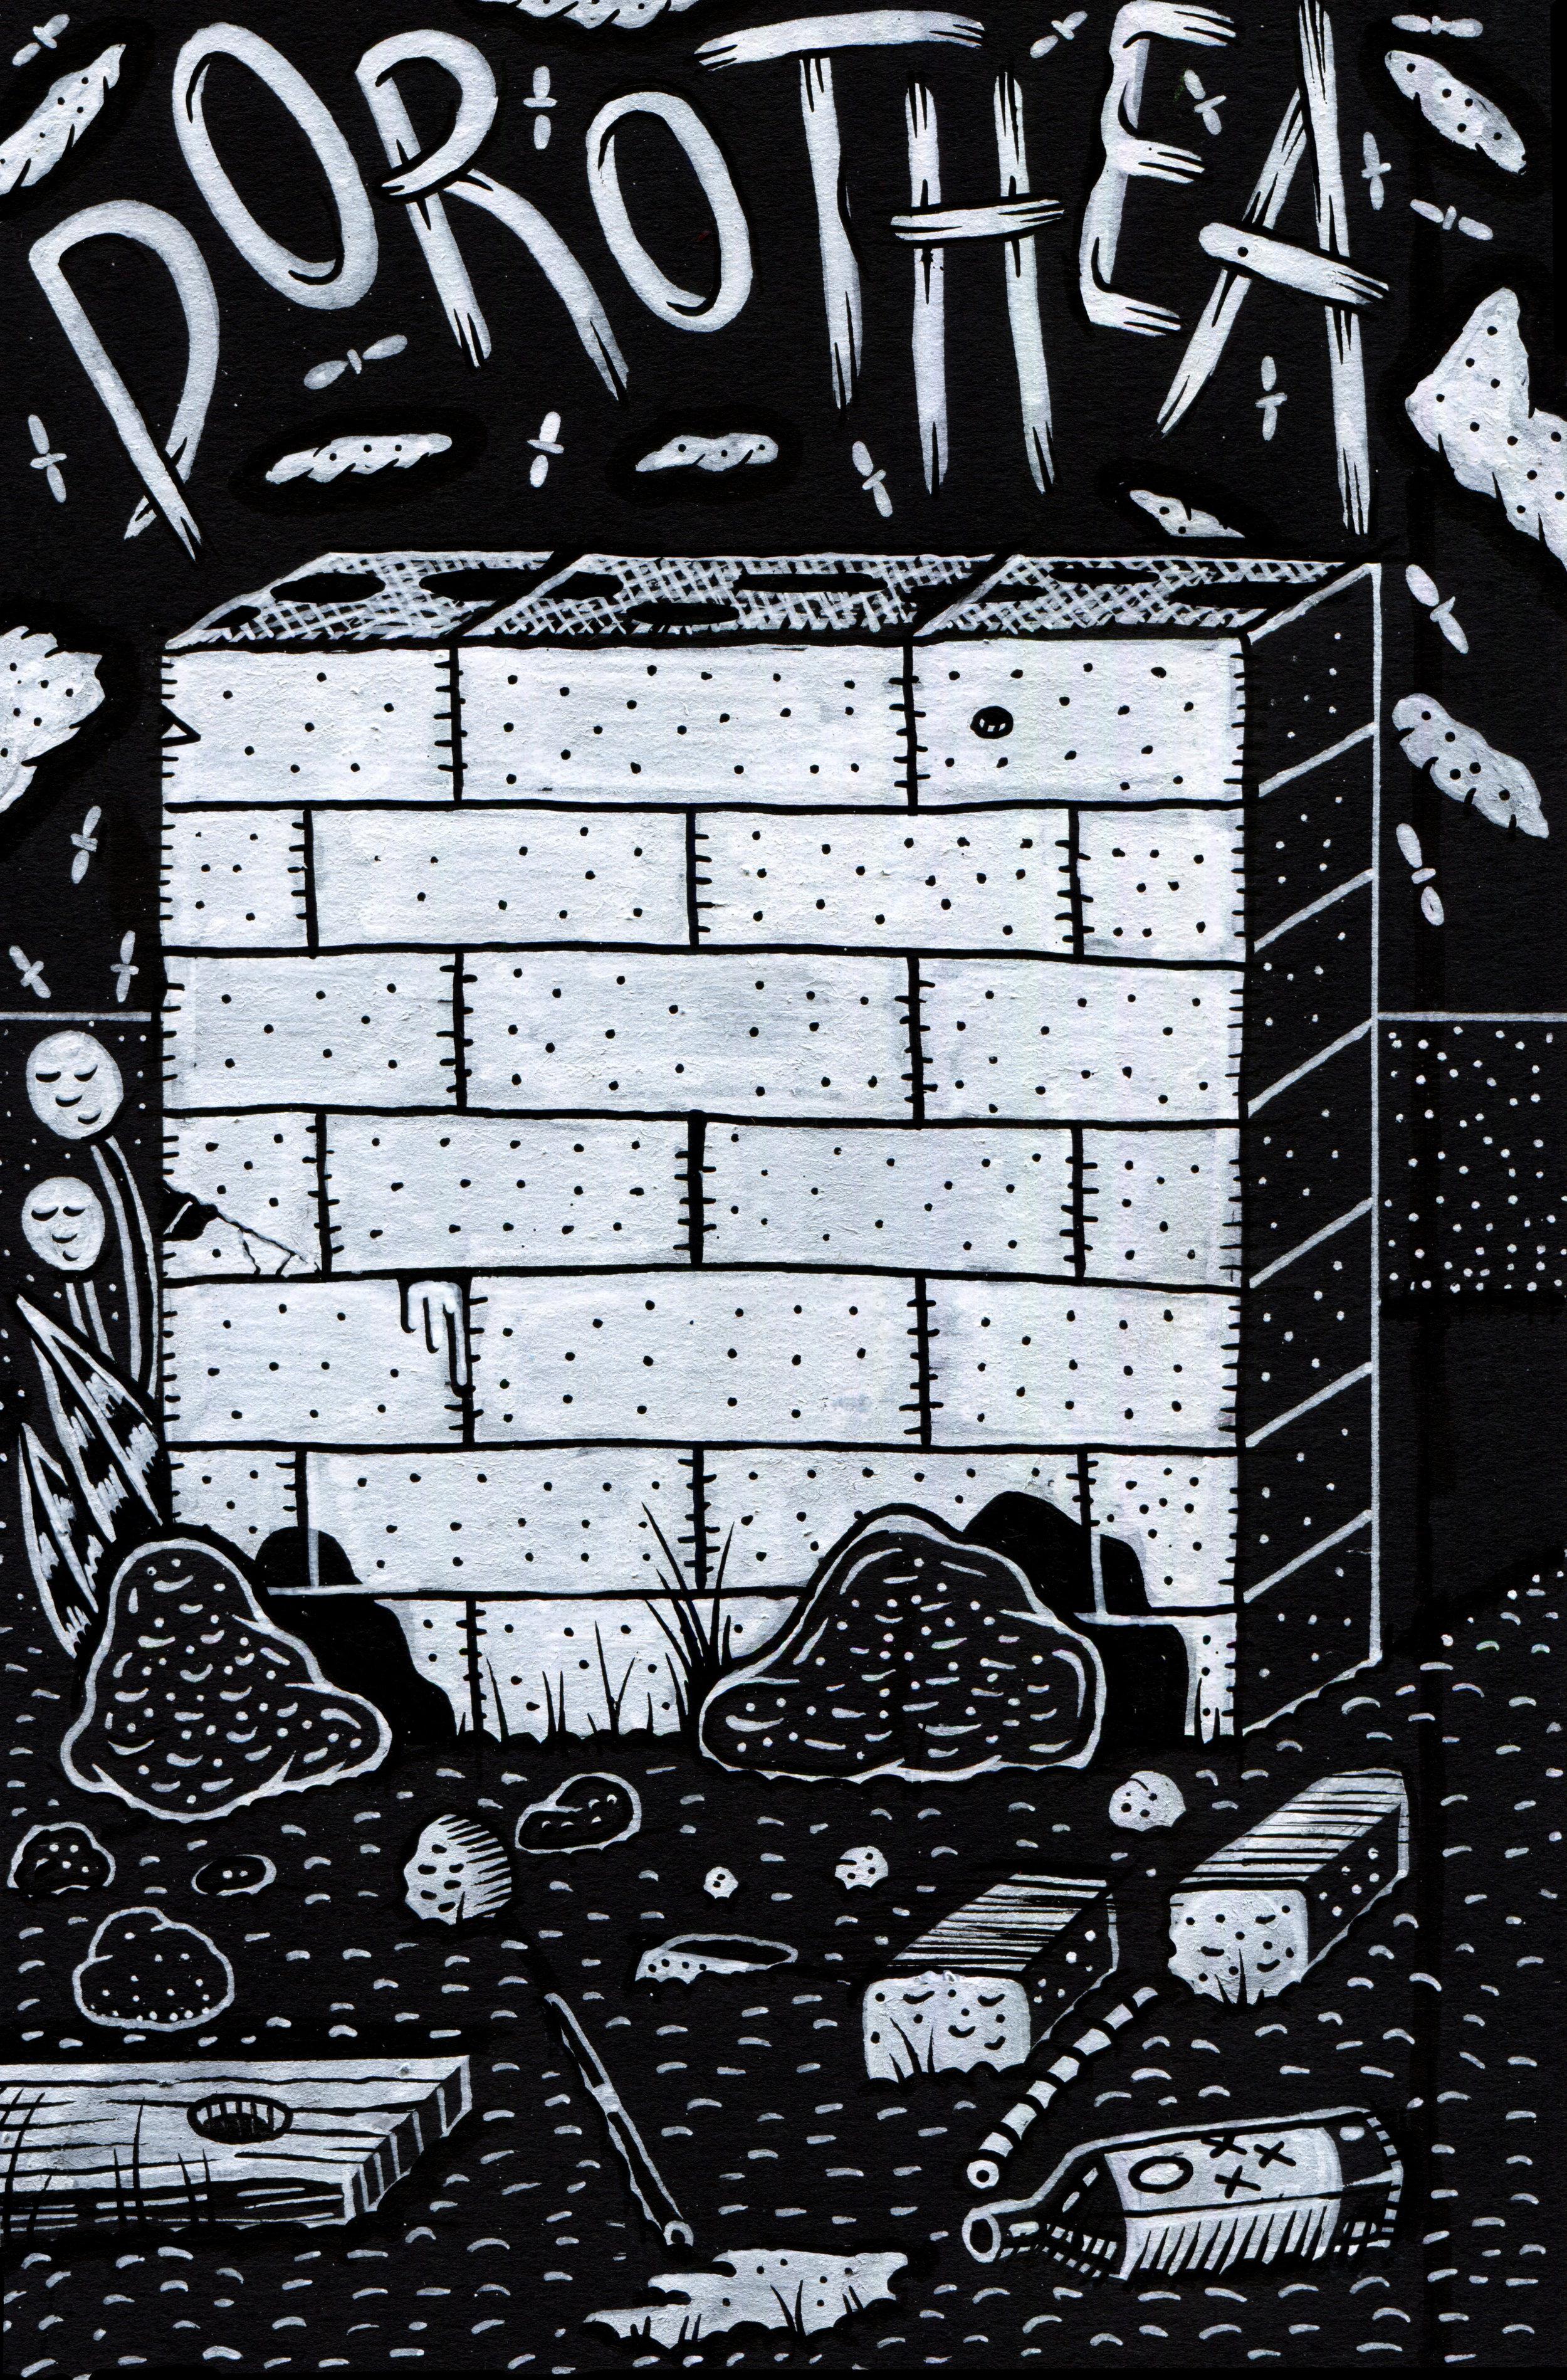 Dorothea (Wall)